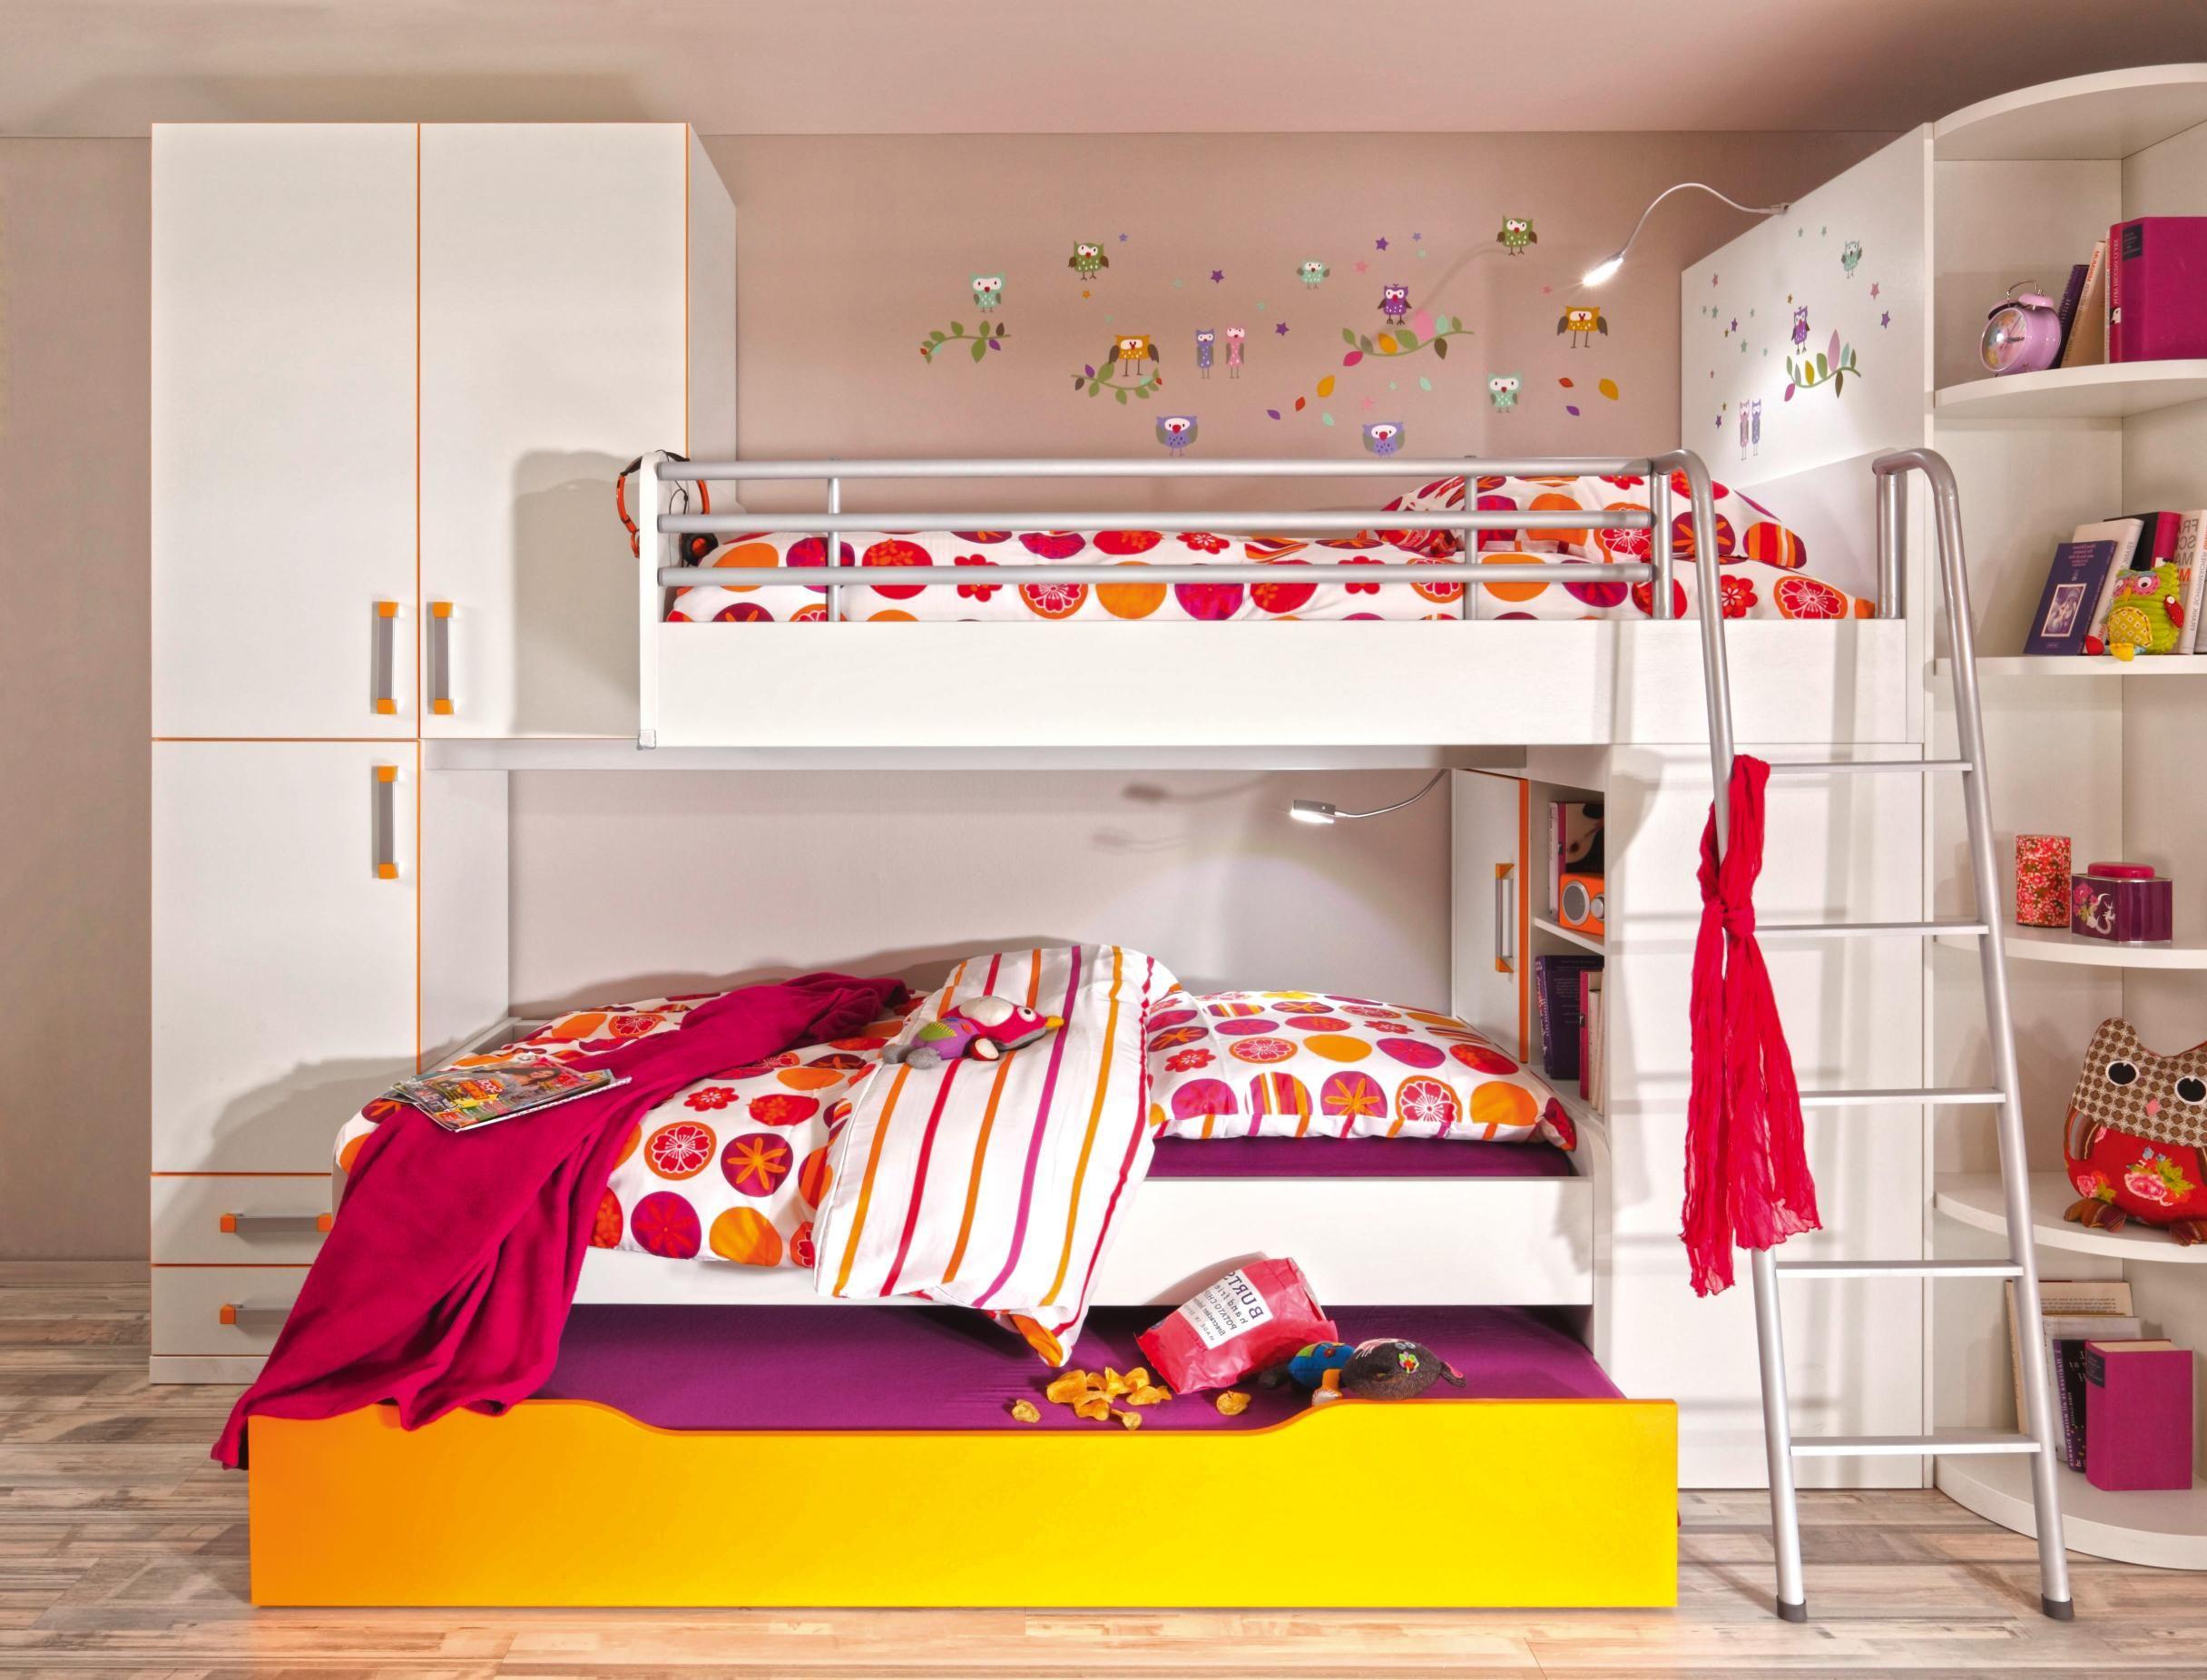 Jugendzimmer Von Prenneis In Modernem Design Jugendzimmer Bett Jugendzimmer 1 Zimmer Wohnung